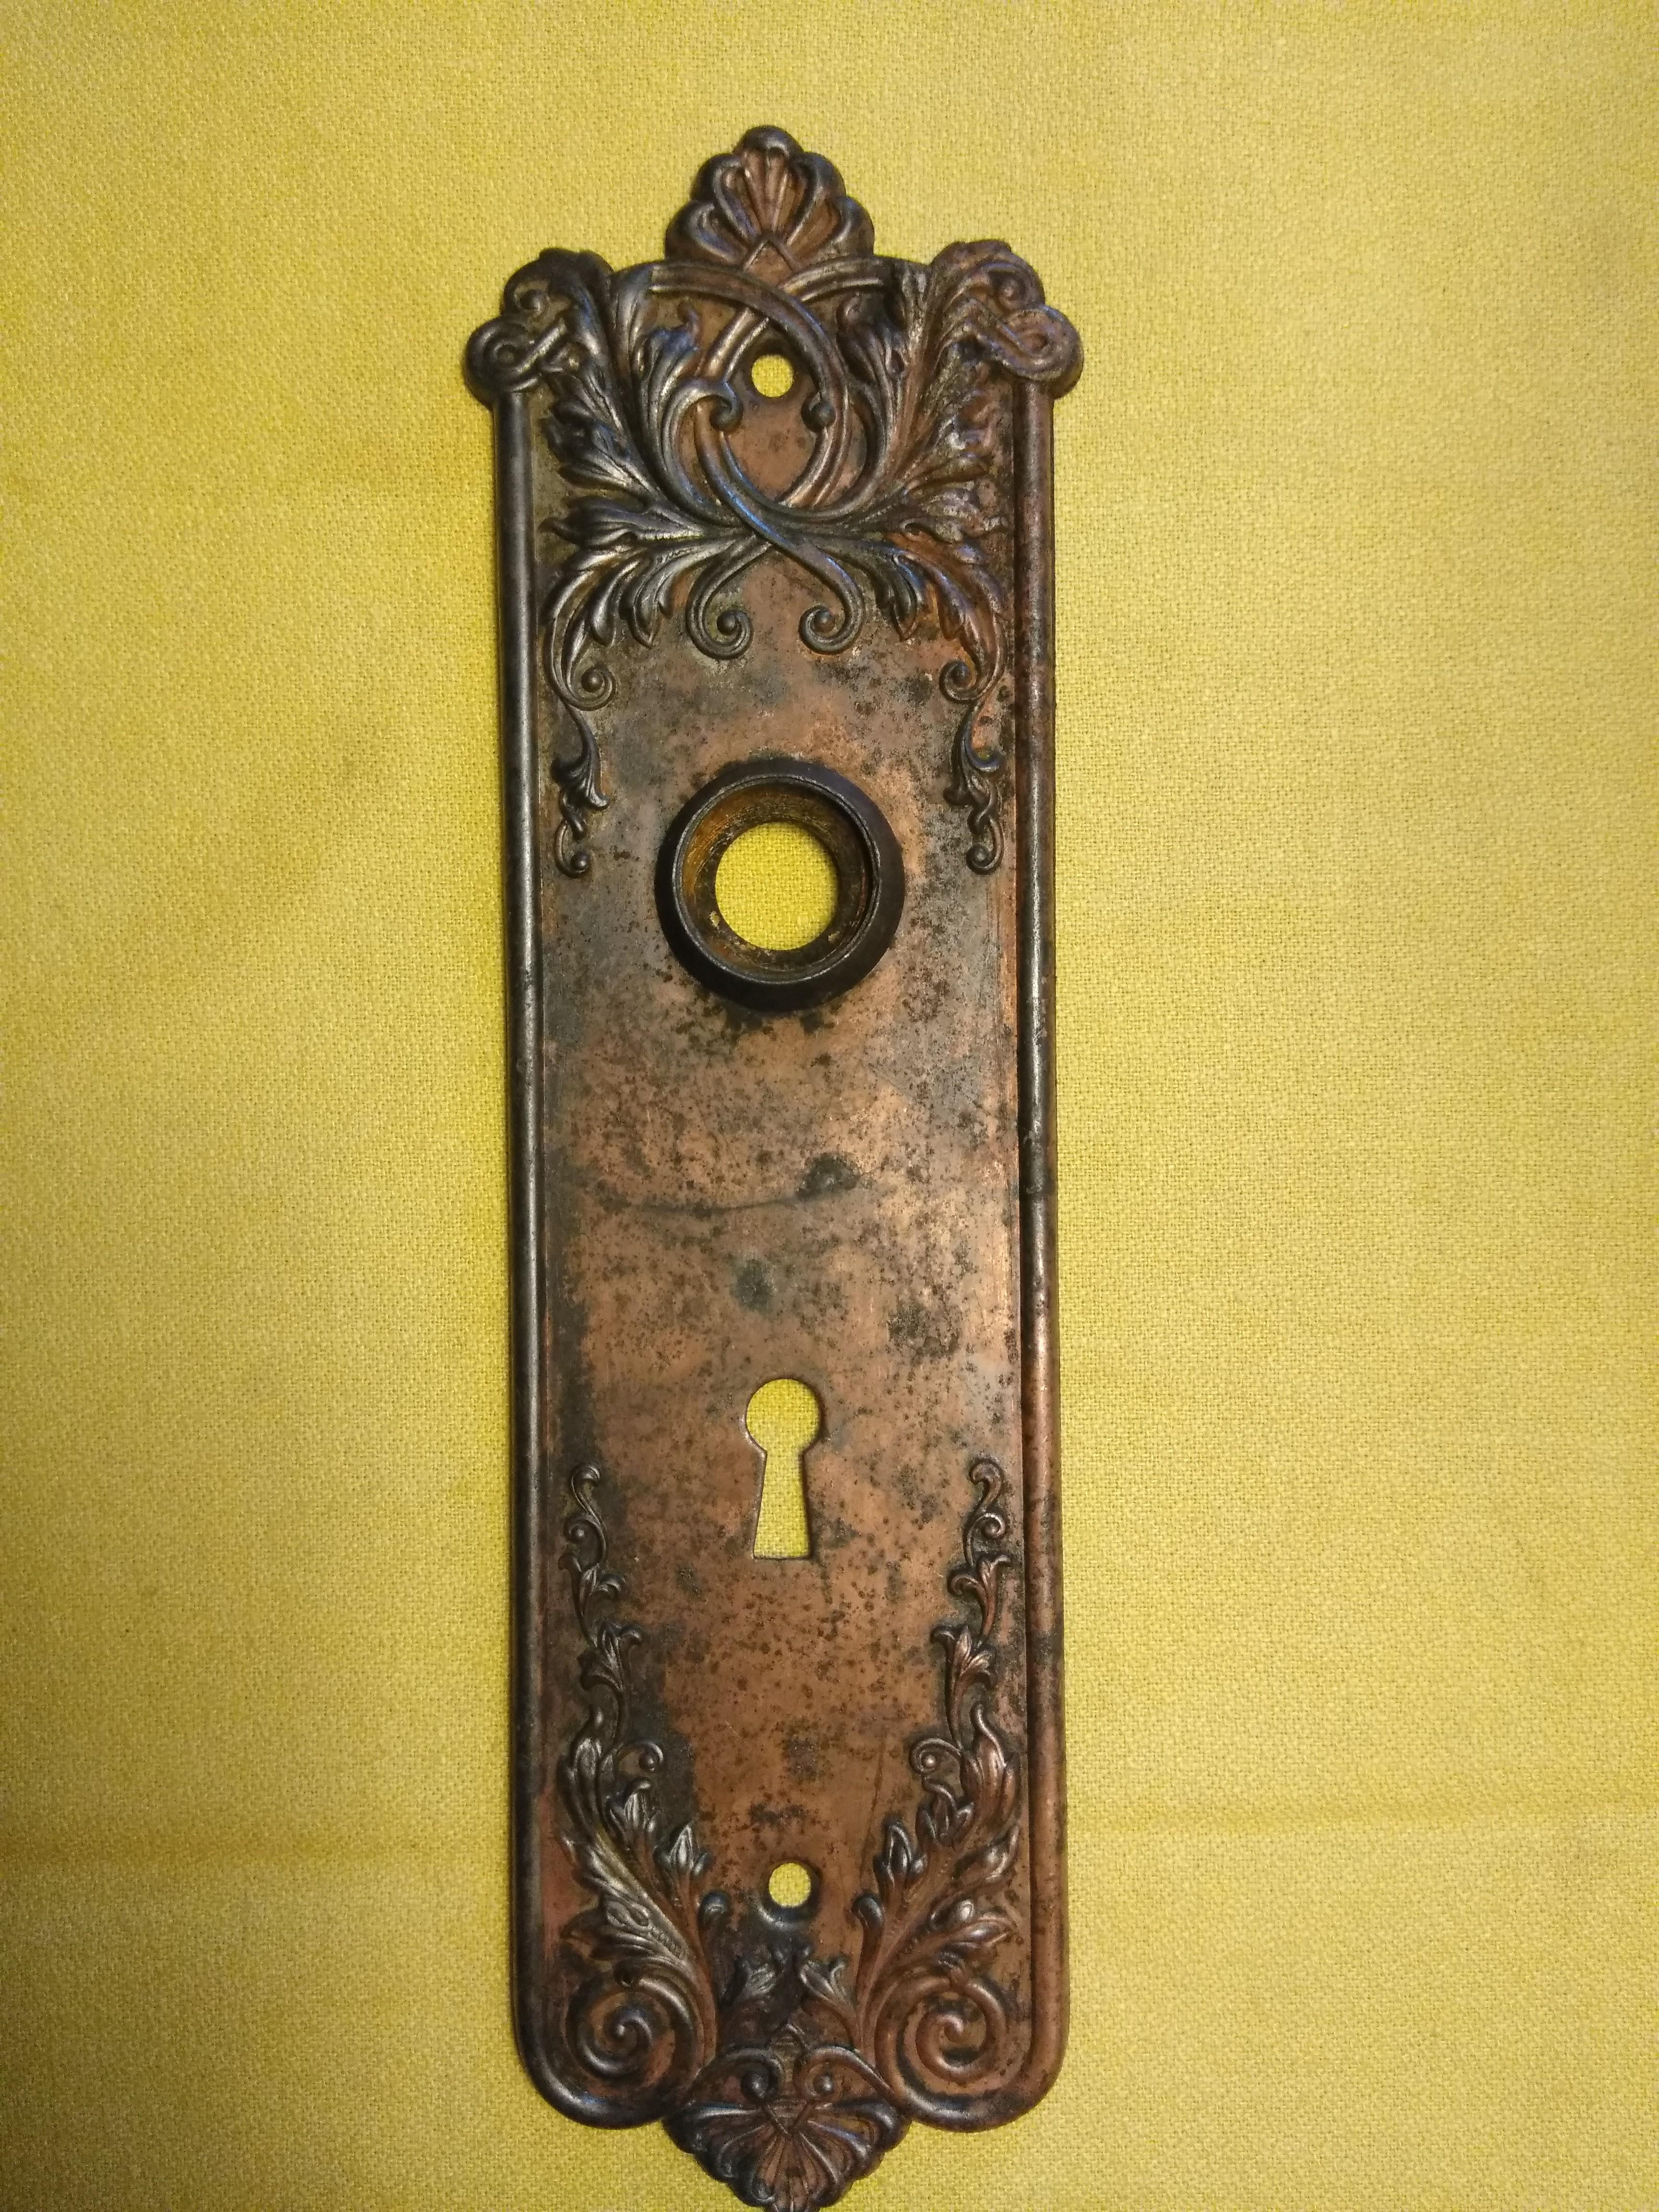 Vintage Victorian Door Plate - Image 3 of 3  sc 1 st  Chairish & Vintage Victorian Door Plate | Chairish